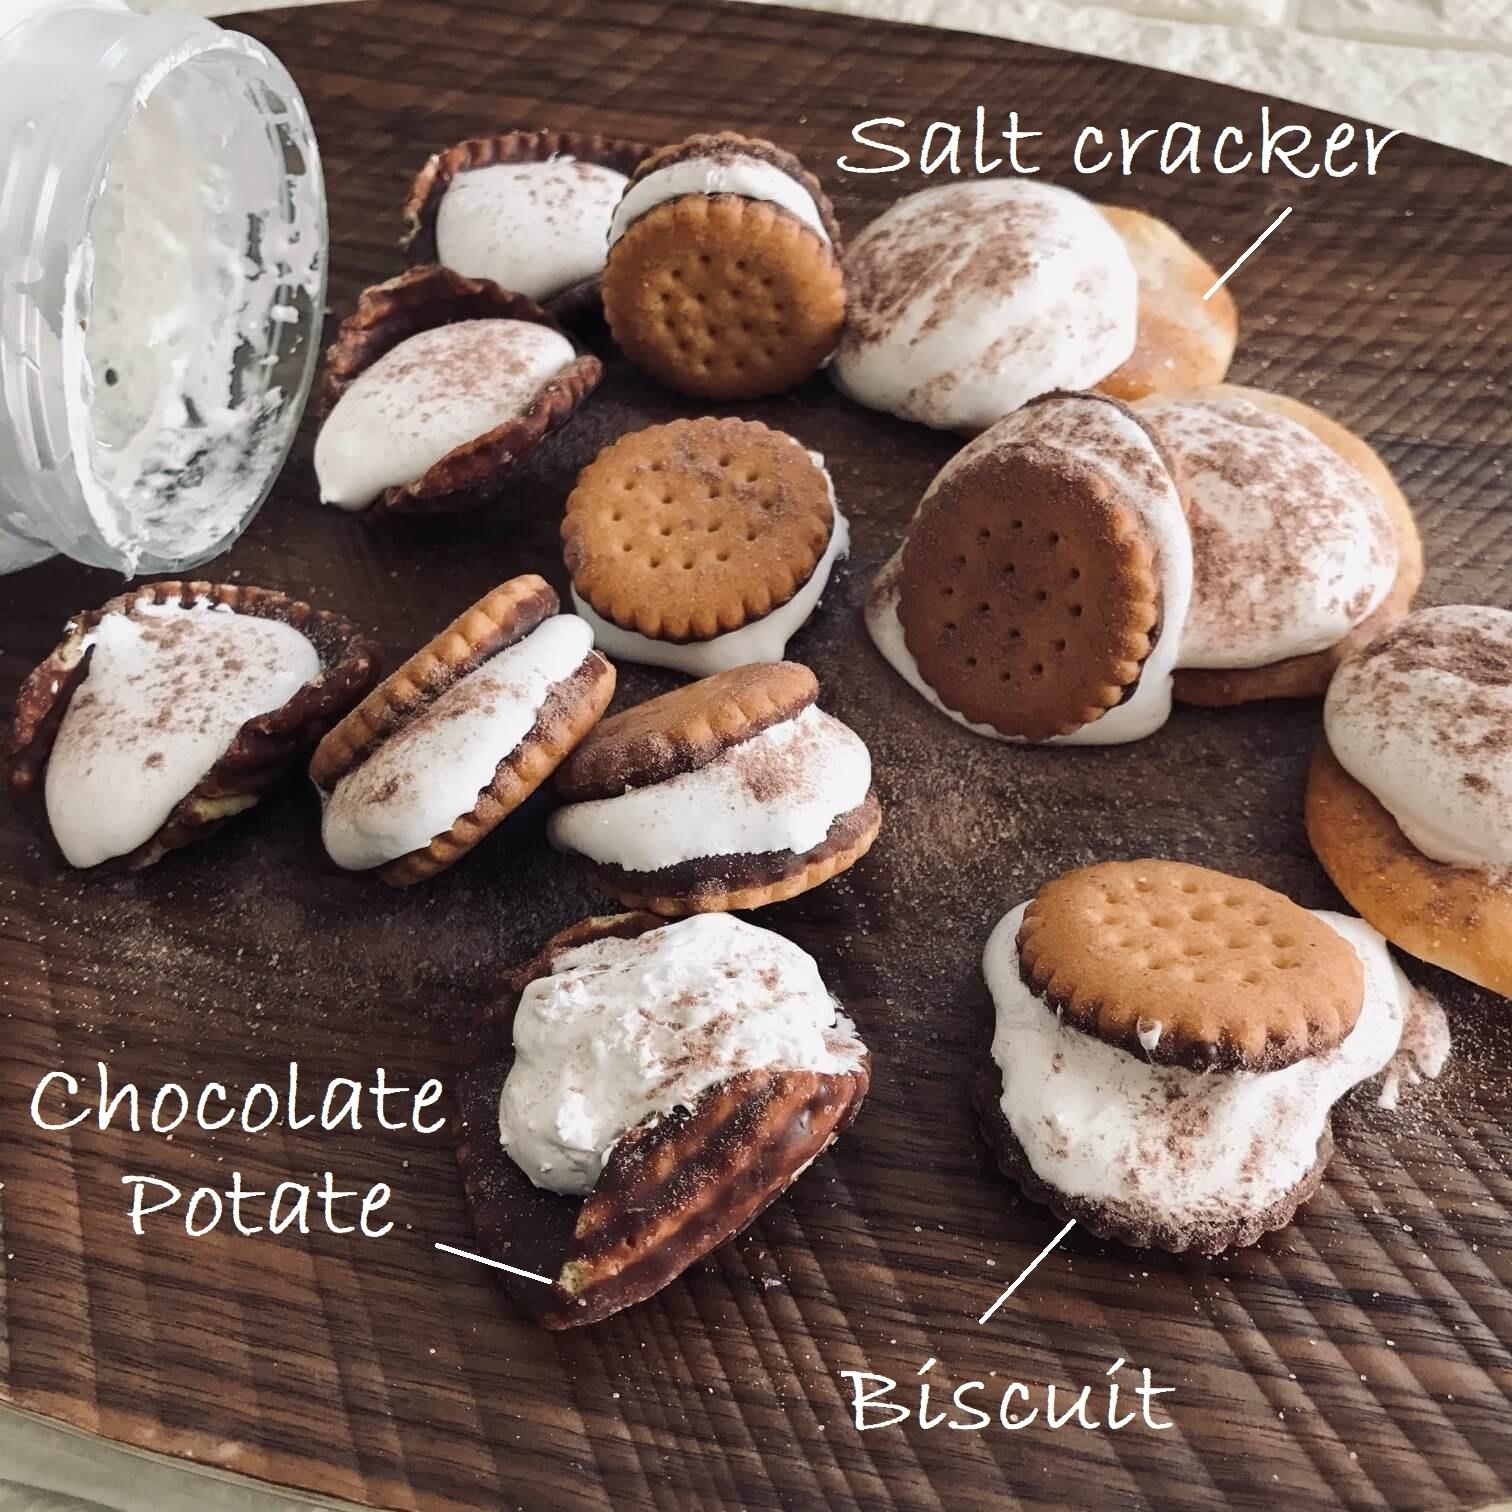 マシュマロクリーム調理例画像